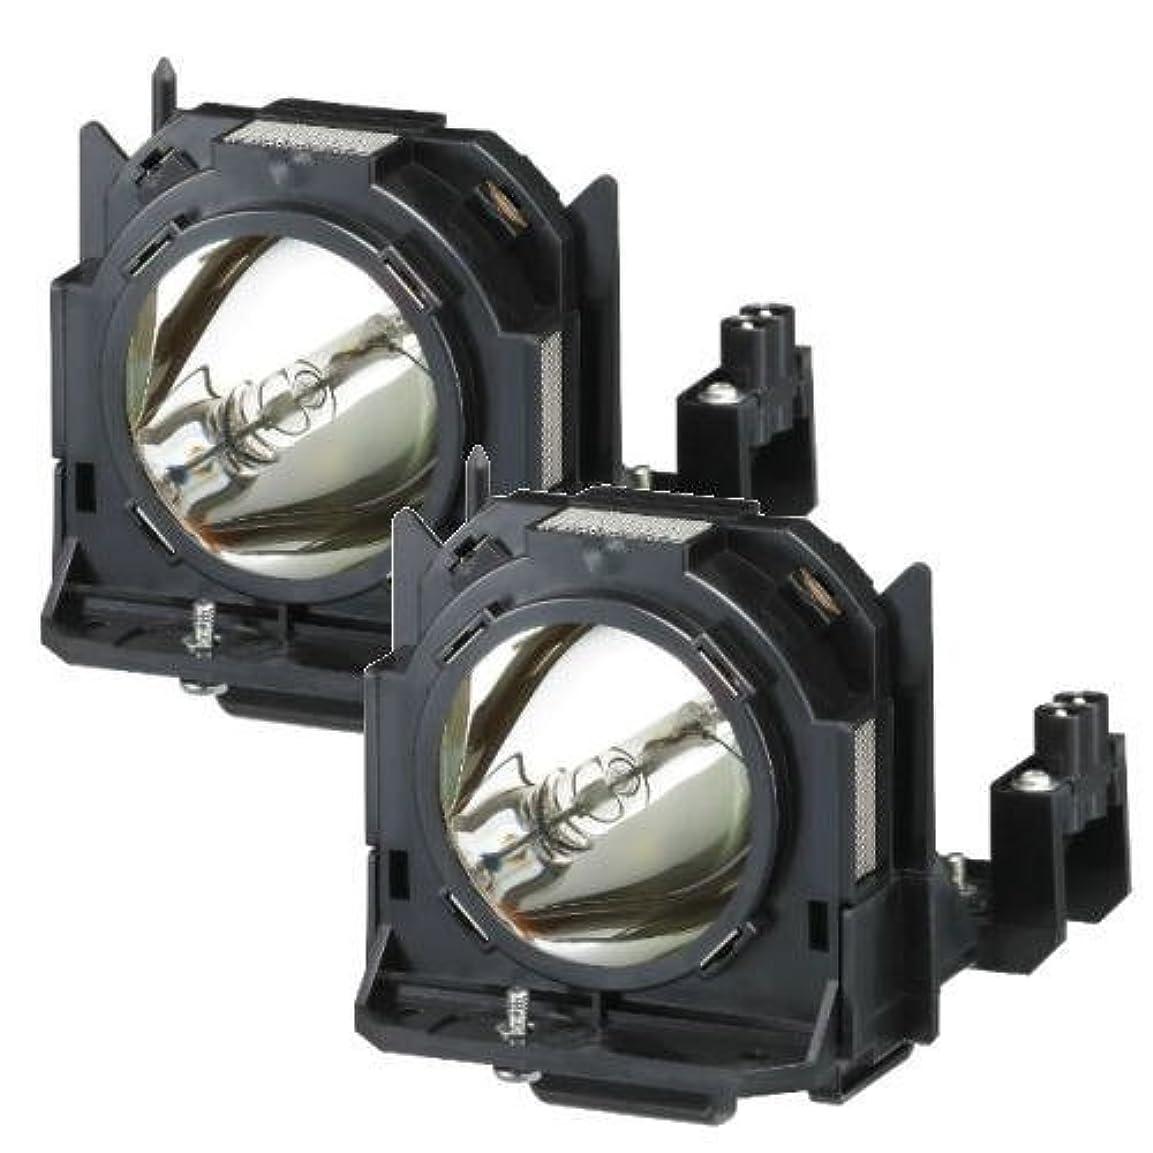 クラシカルギャロップワームET-LAD60W 交換ランプ Panasonic パナソニック プロジェクター用 Phoenix オリジナルバナー搭載 汎用交換ランプ 純正互換品 2灯セット CBH ET-LAD60W-CBH